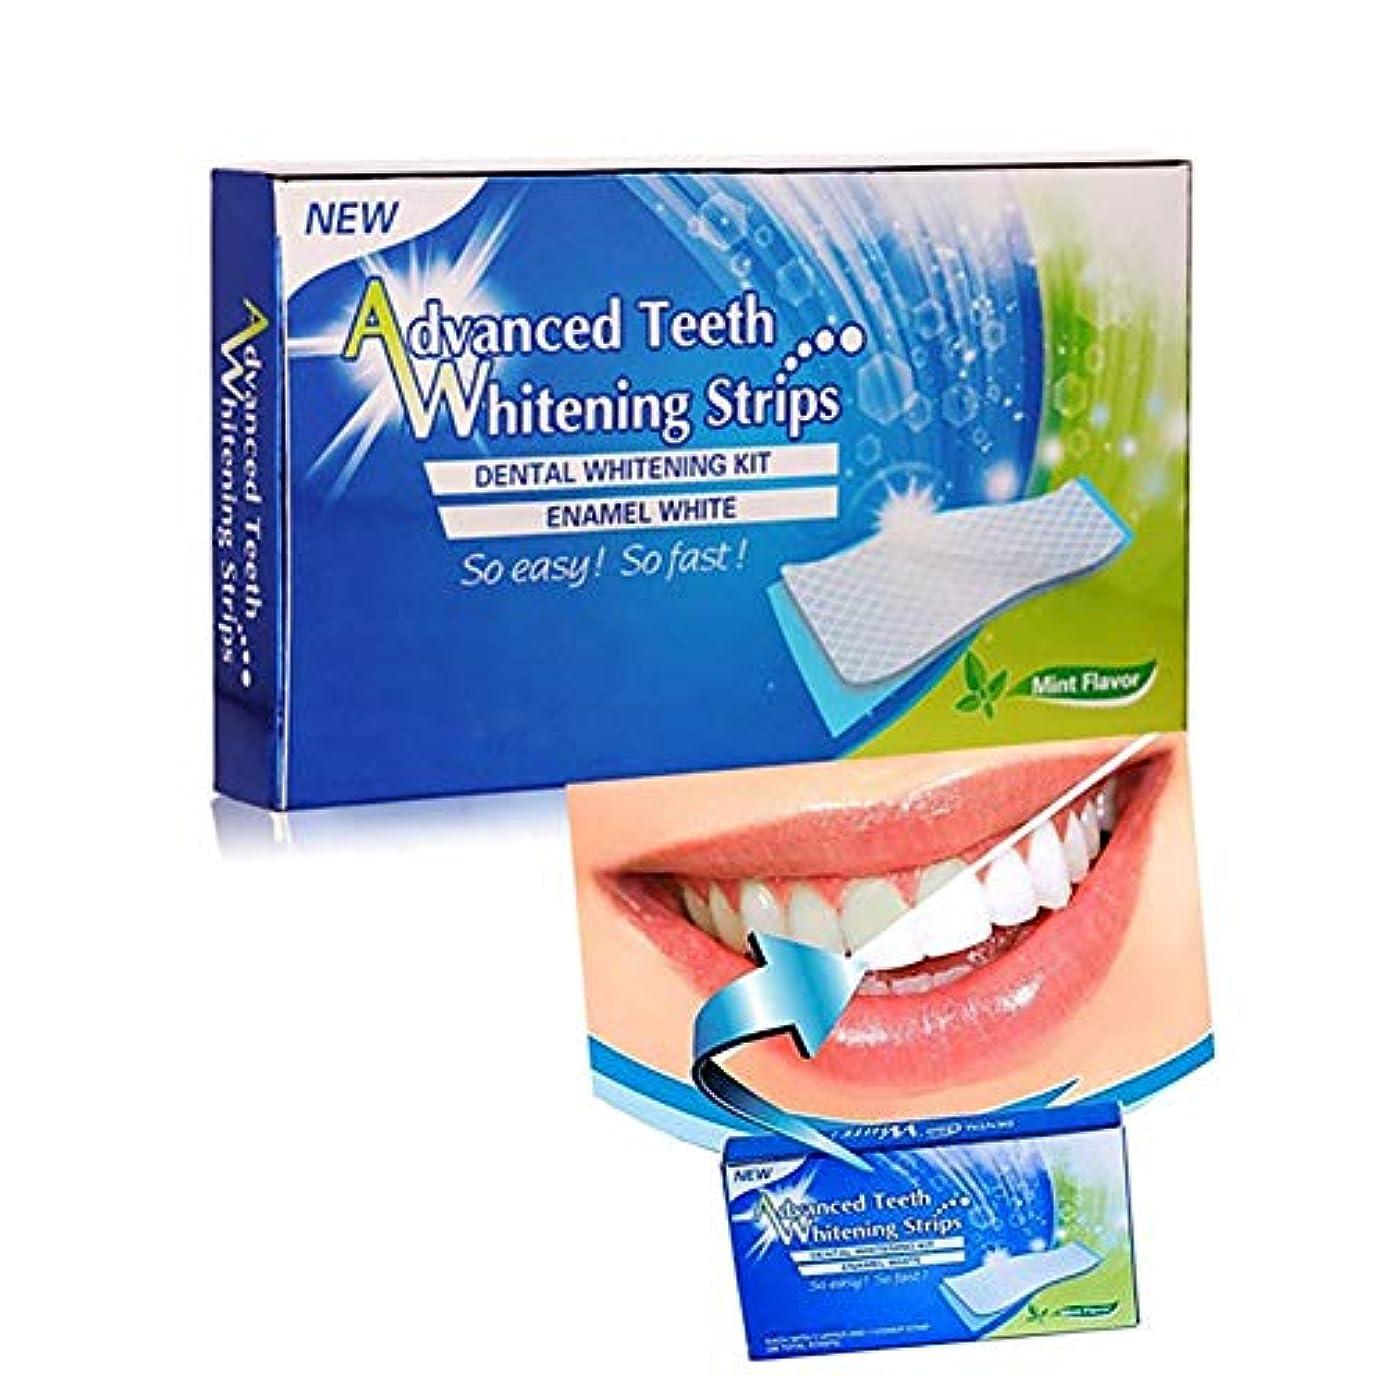 サーカス葬儀注目すべき口腔洗浄器3Dホワイトニング歯磨き粉セット、28回